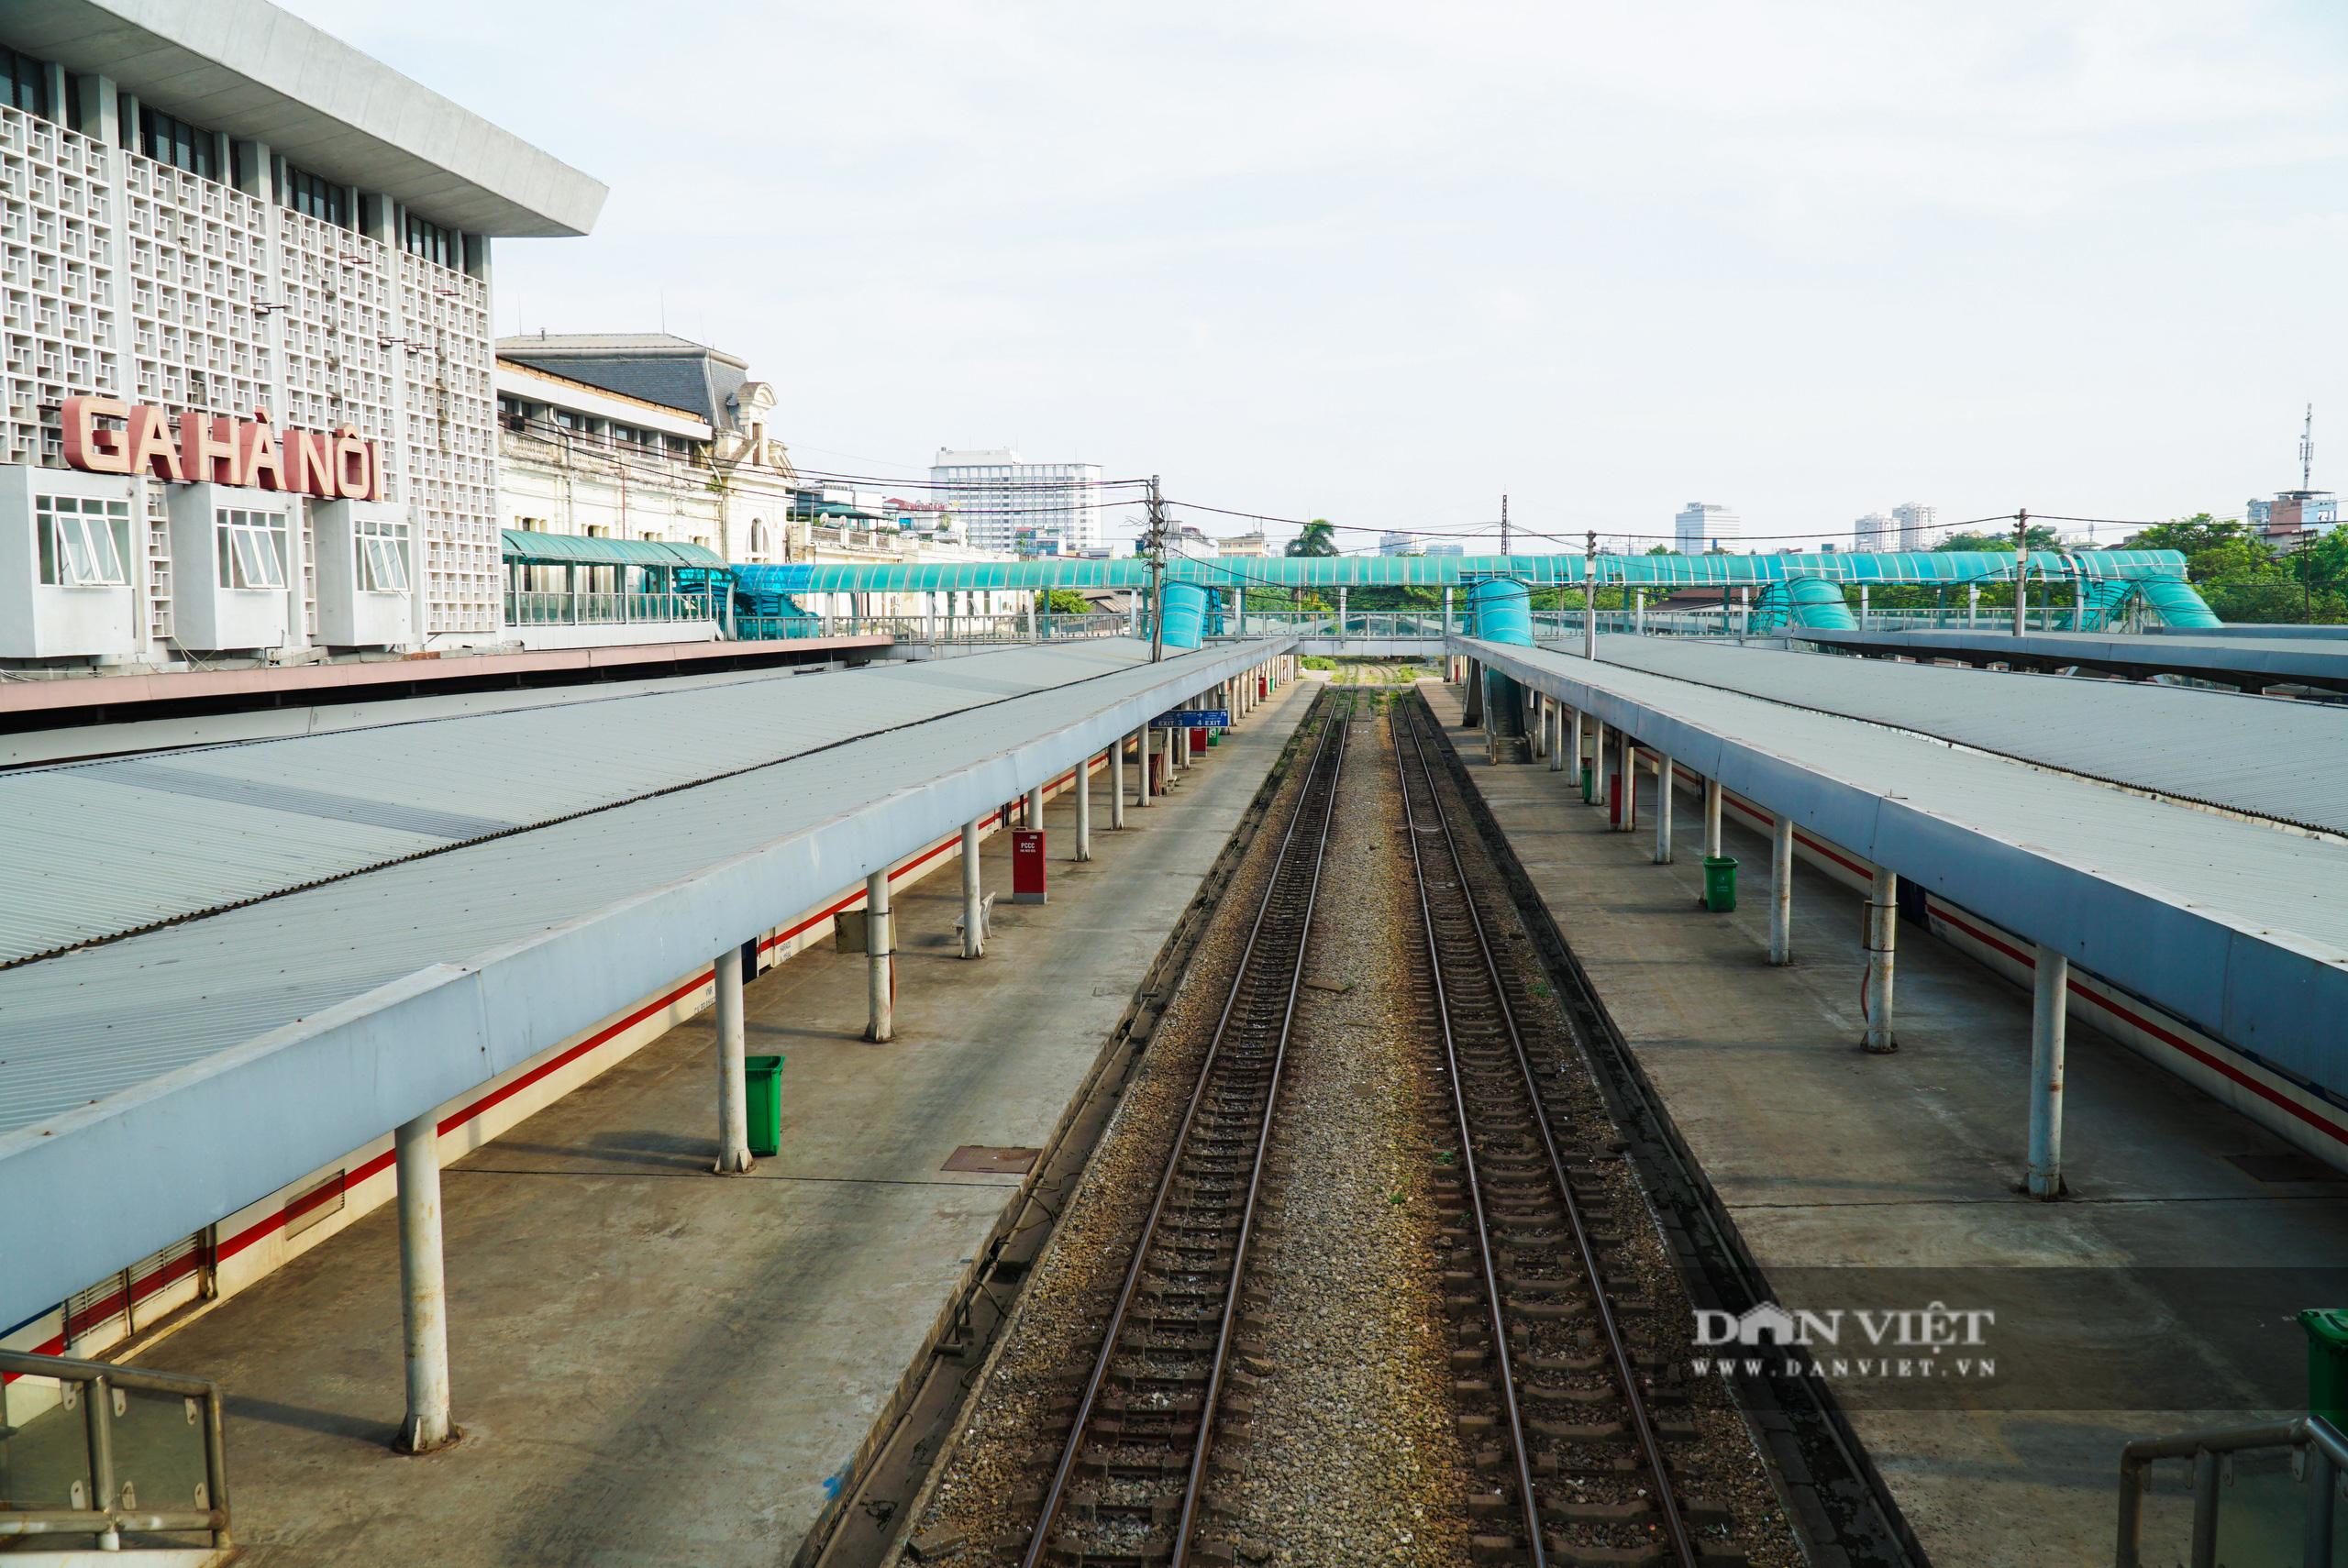 Bến xe ế ẩm khách di chuyển, ga tàu vắng hoe vì Covid-19 - Ảnh 1.